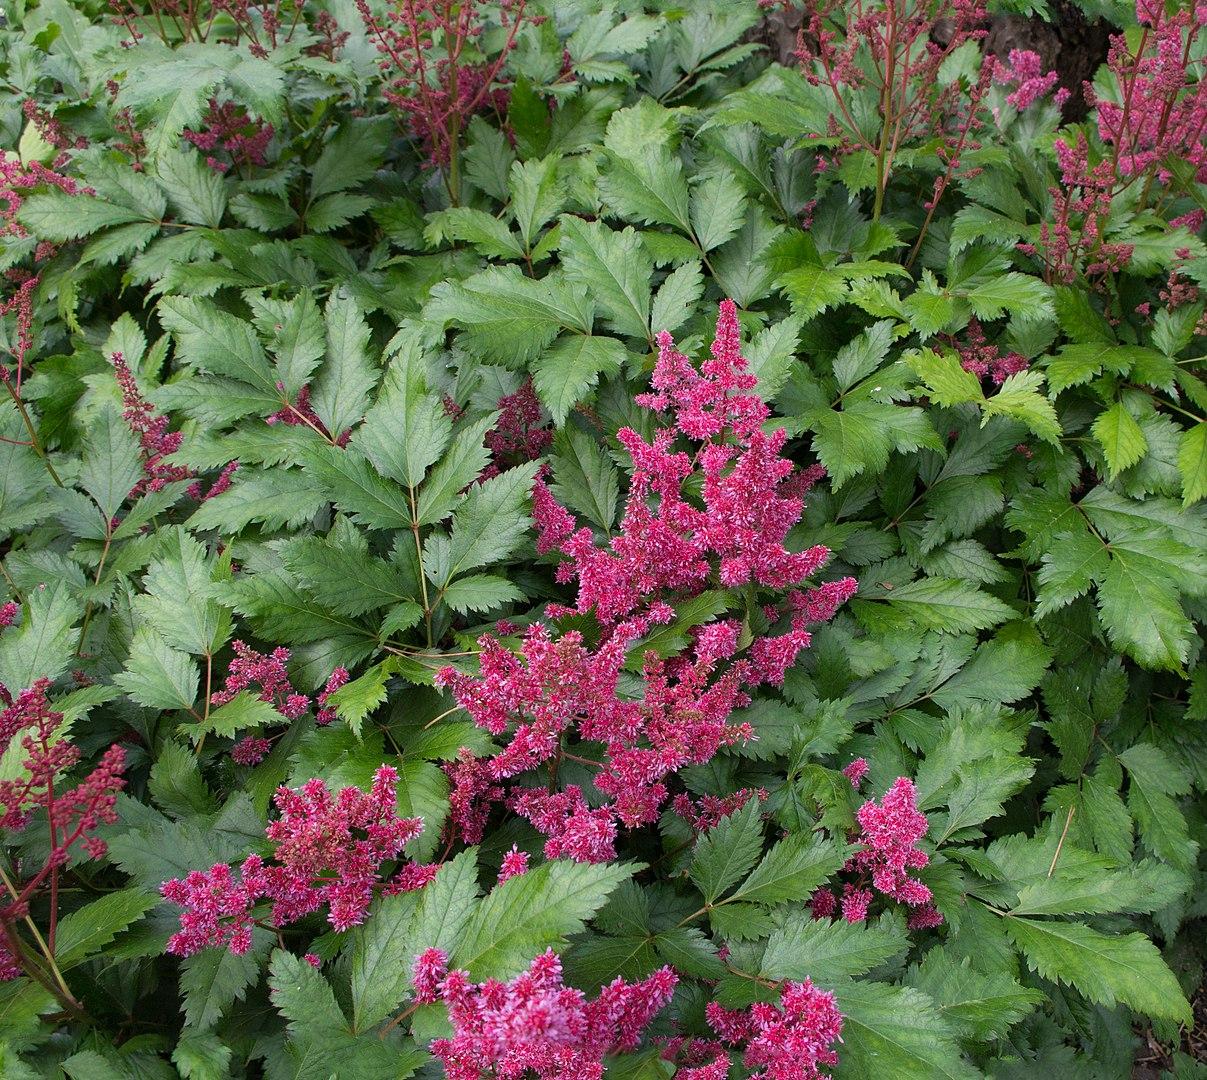 Astilbe piante molto decorative dalle infiorescenze a pennacchio